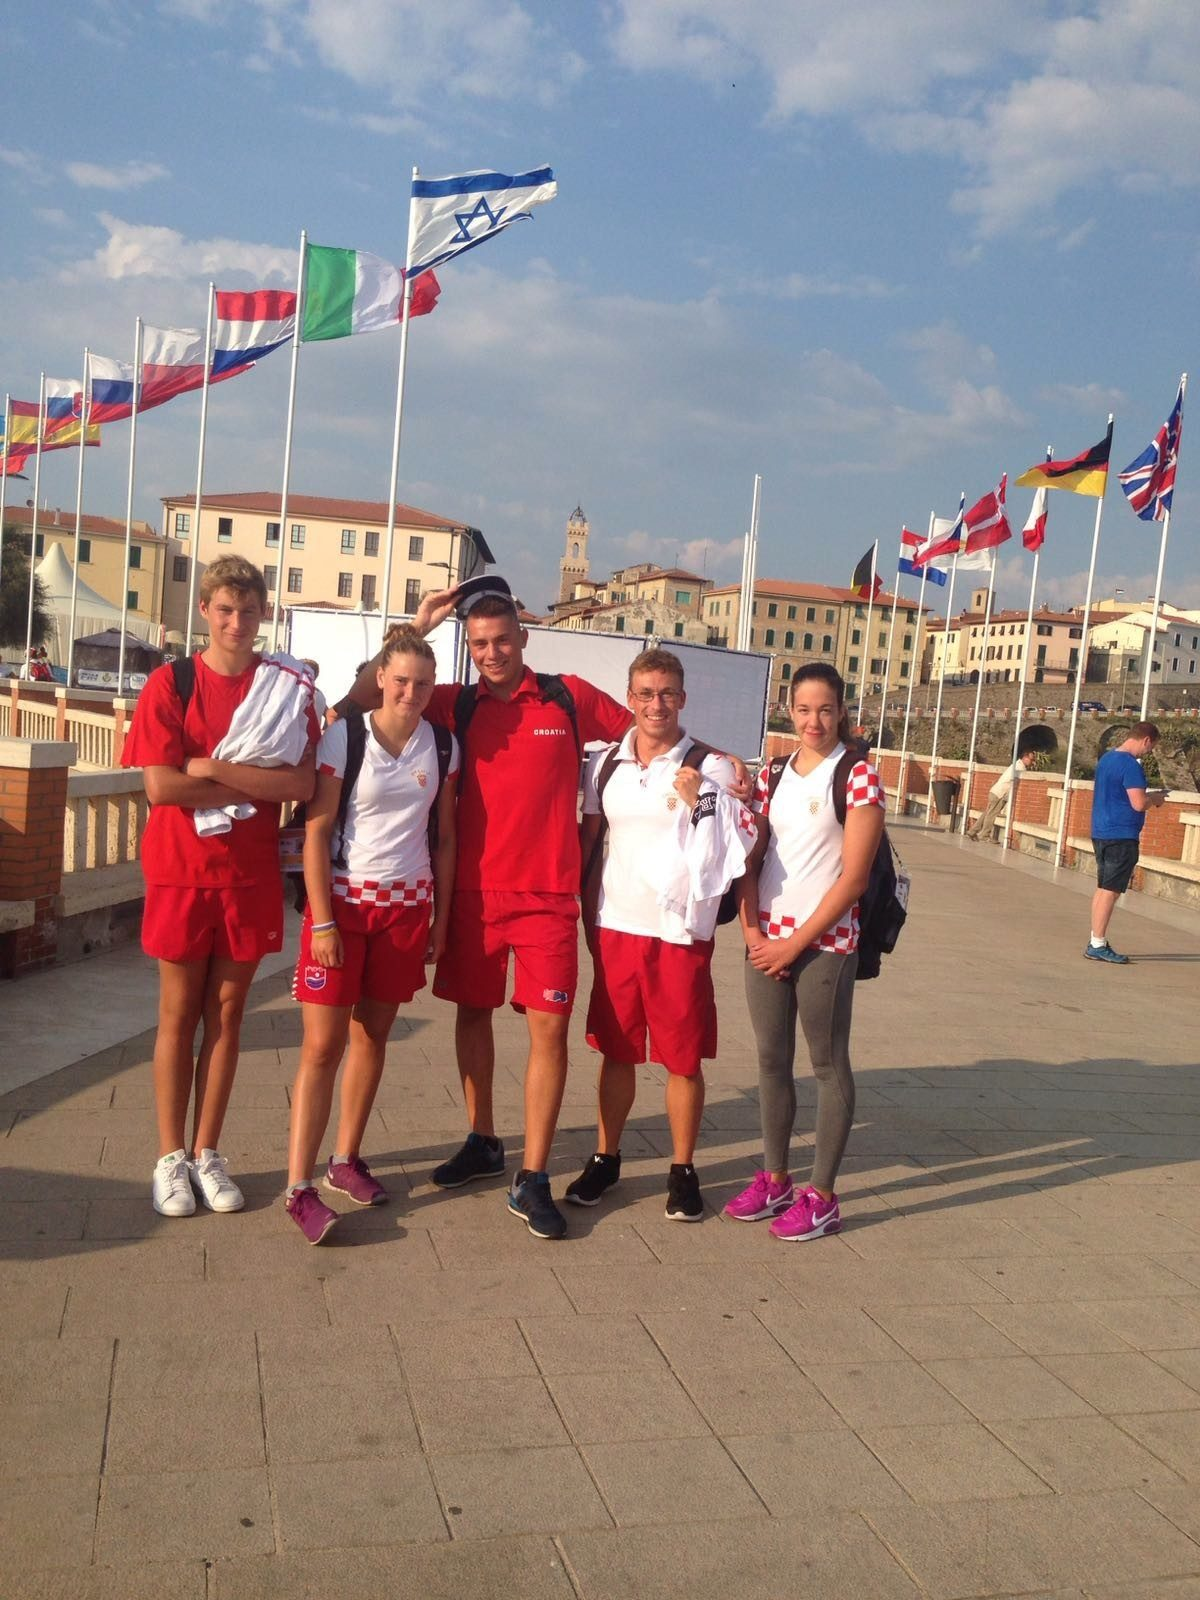 EJP Piombiono – Drugi i treći dan natjecanja 10. i 11. 9. 2016